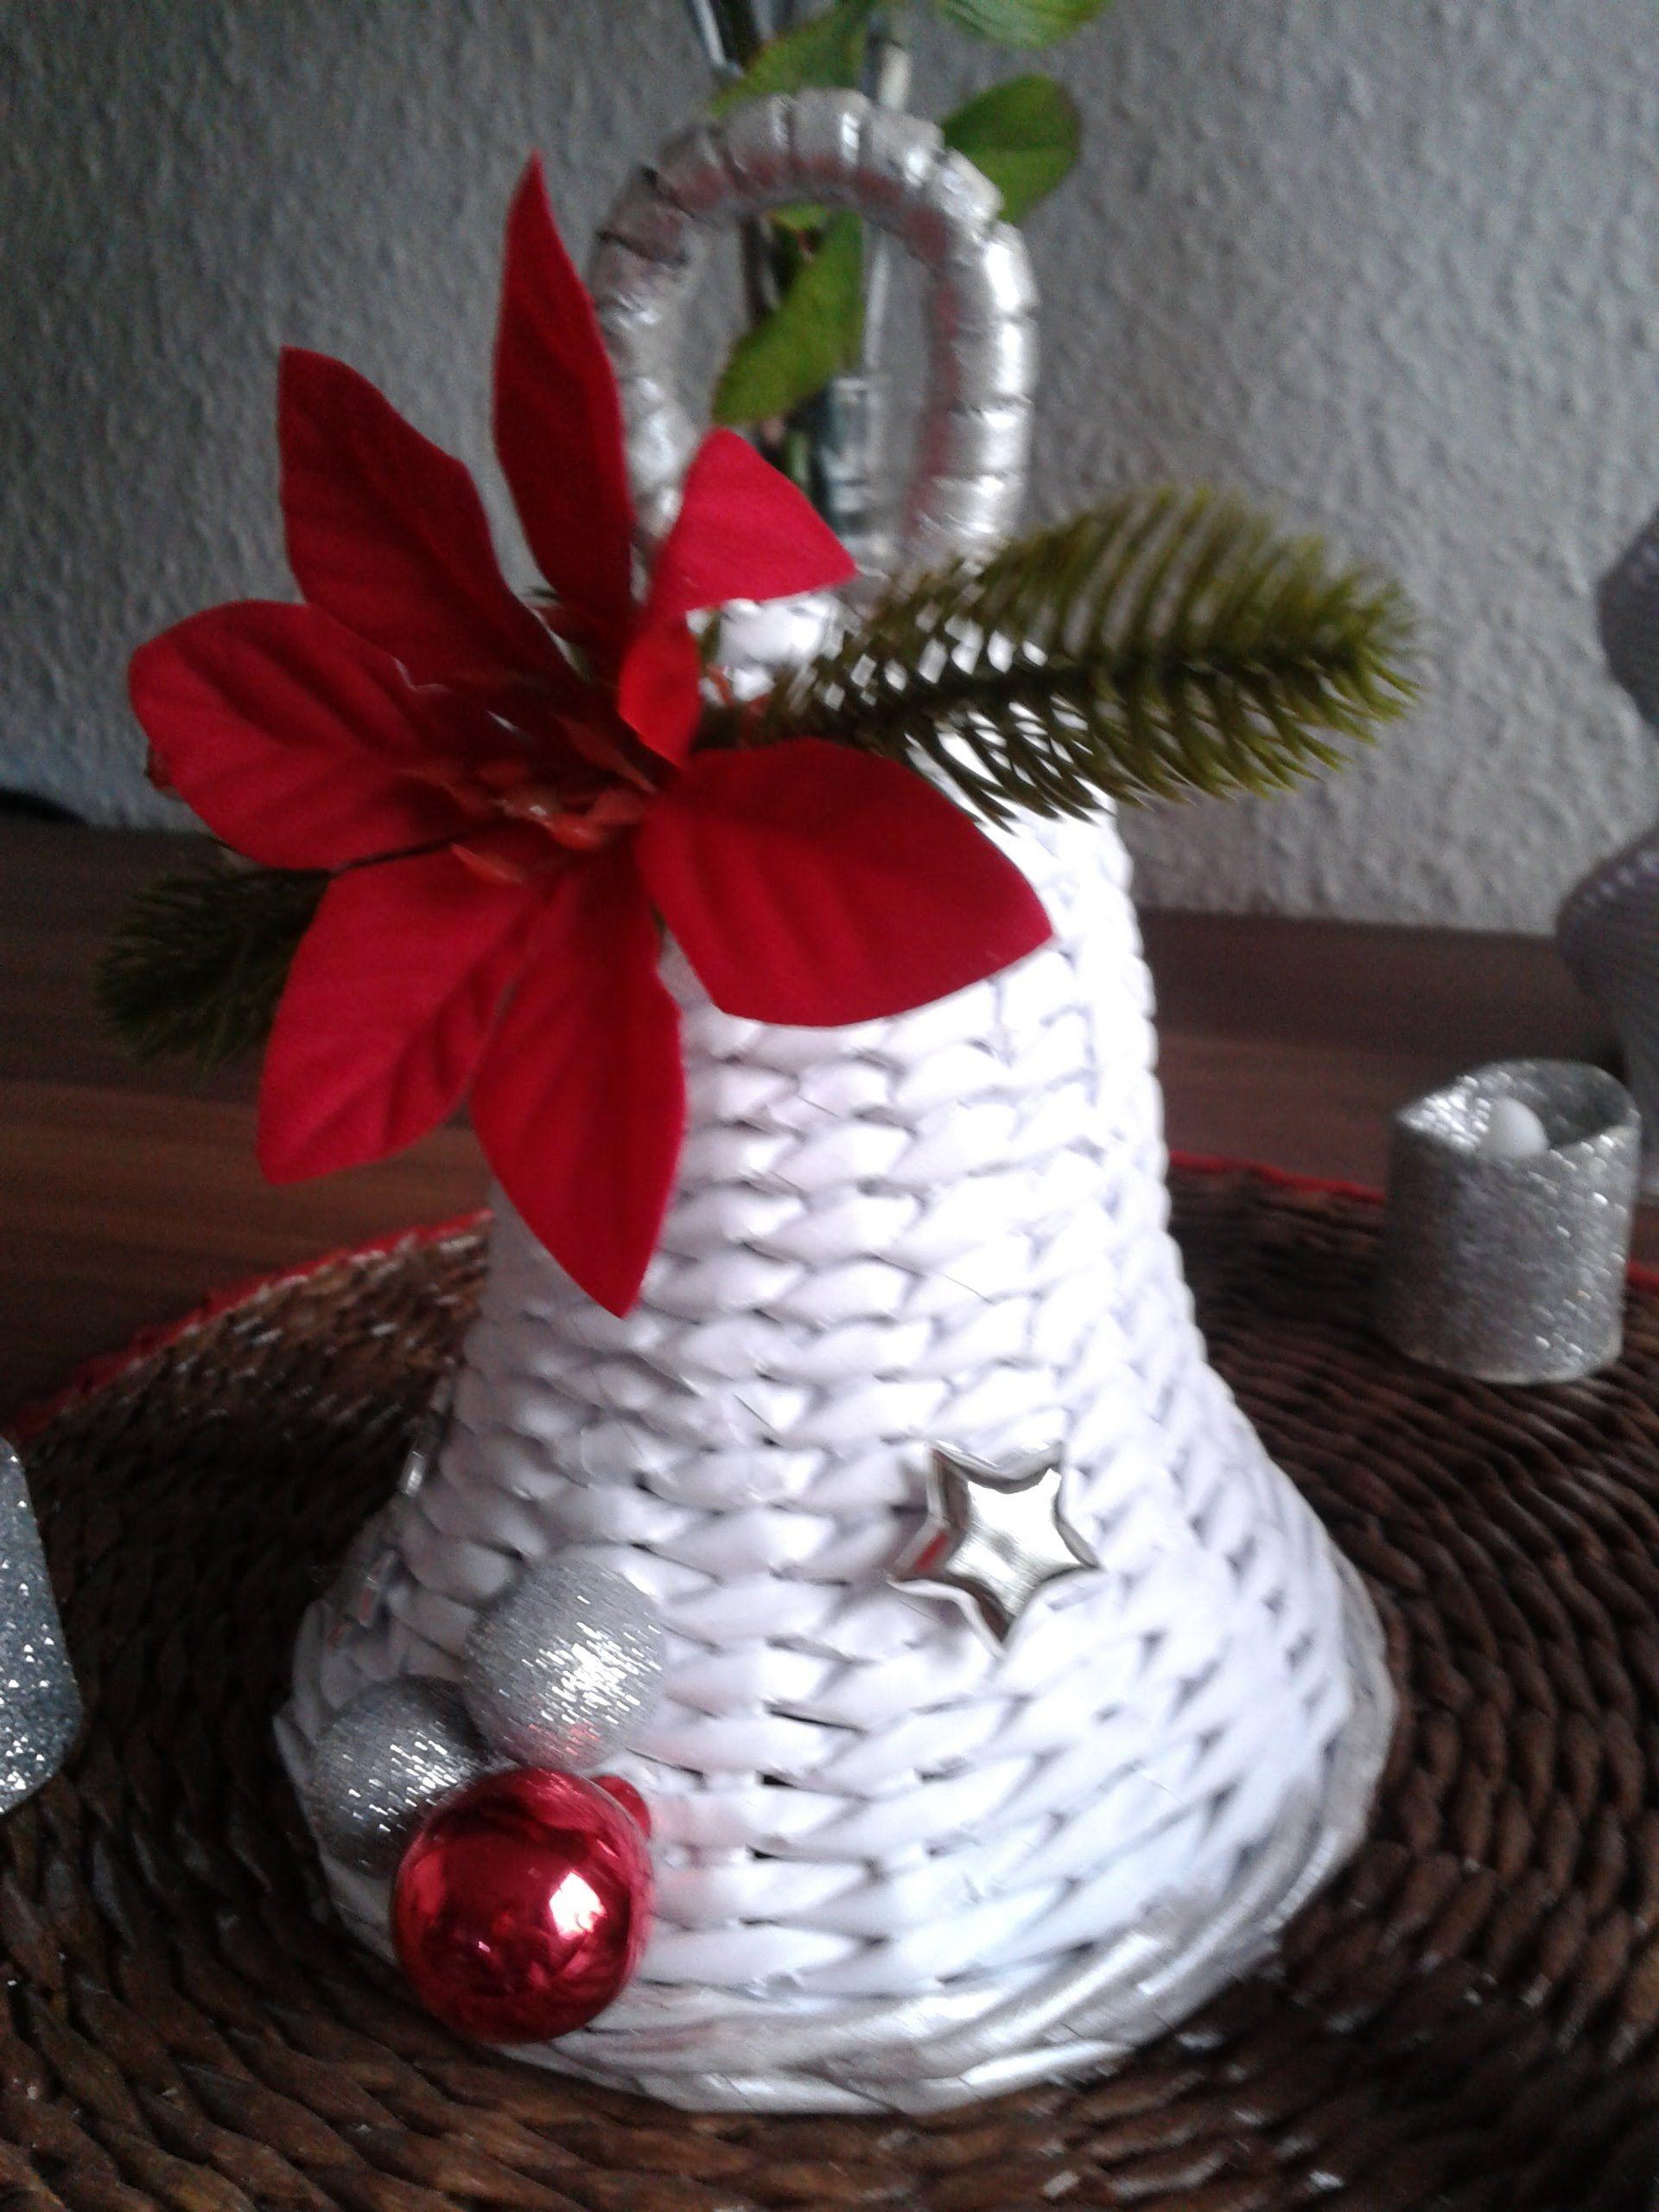 weihnachtsglocke r llchen pinterest weihnachten papier weihnachten und basteln. Black Bedroom Furniture Sets. Home Design Ideas